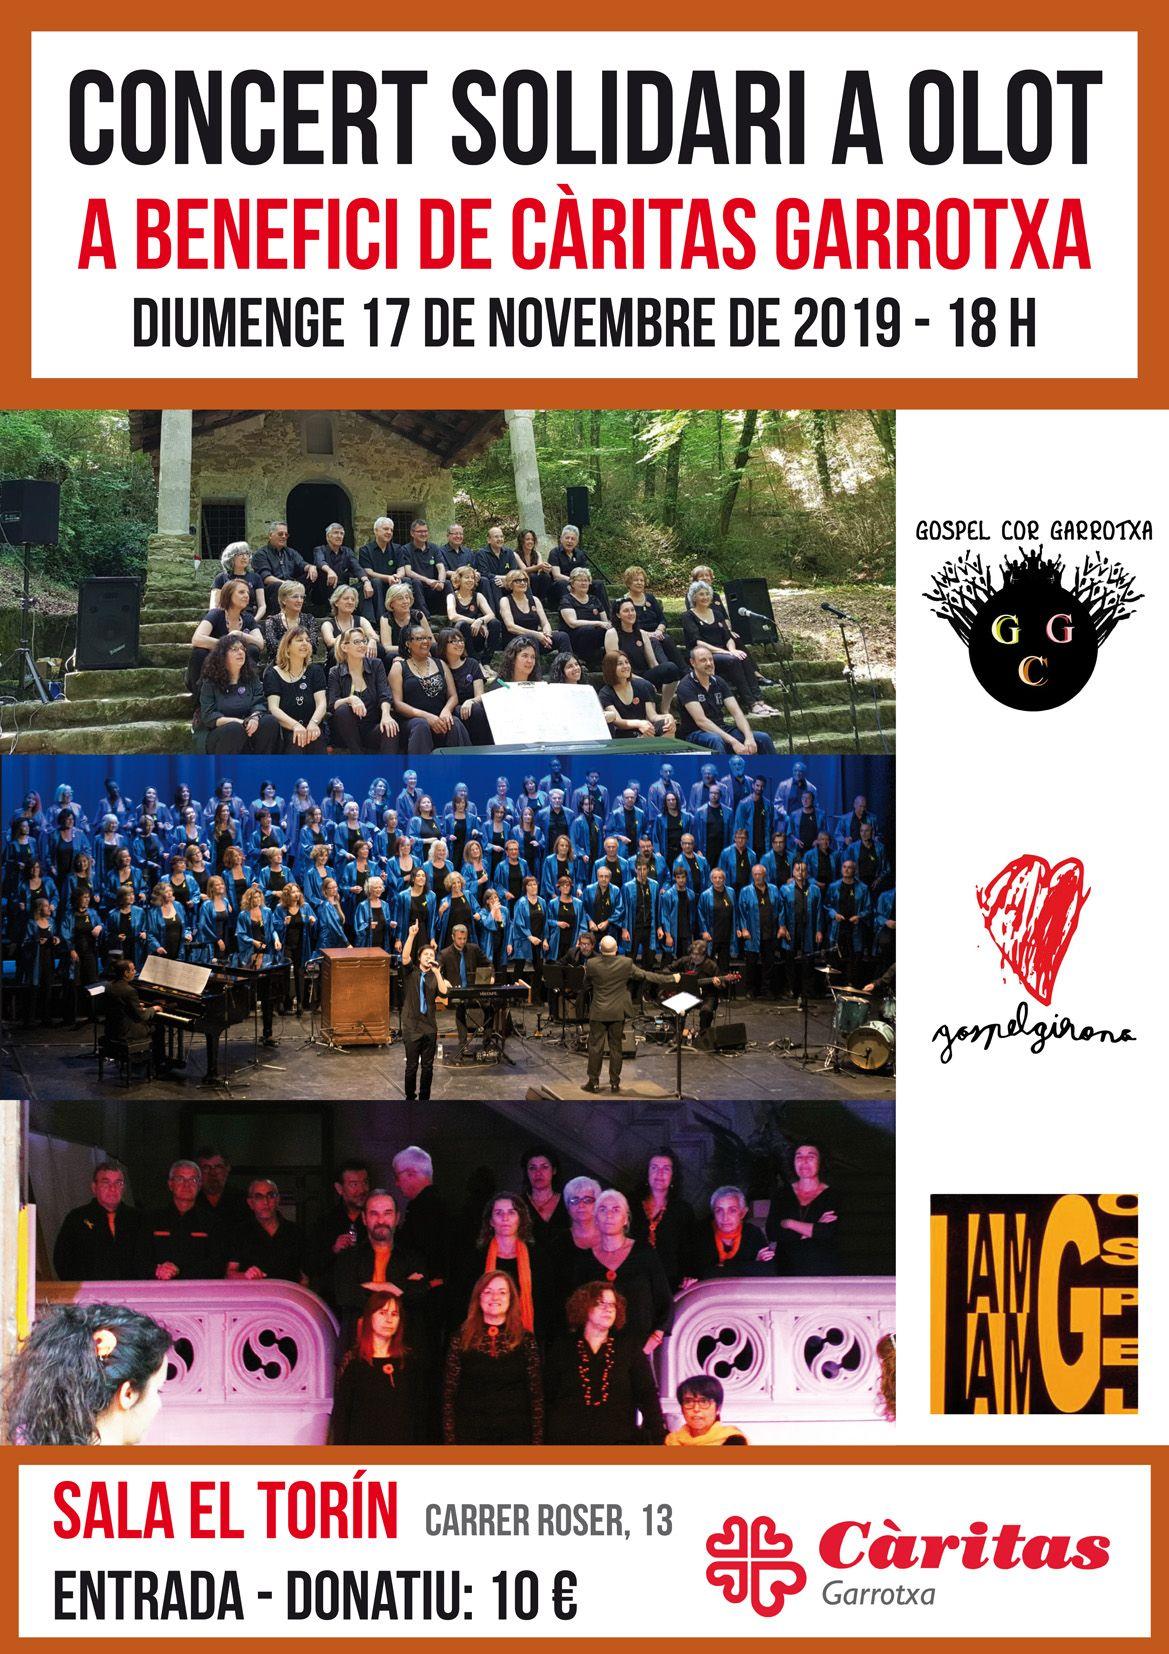 Concert Solidari A Olot A Favor De Caritas Garrotxa. 17 De Novembre De 2019